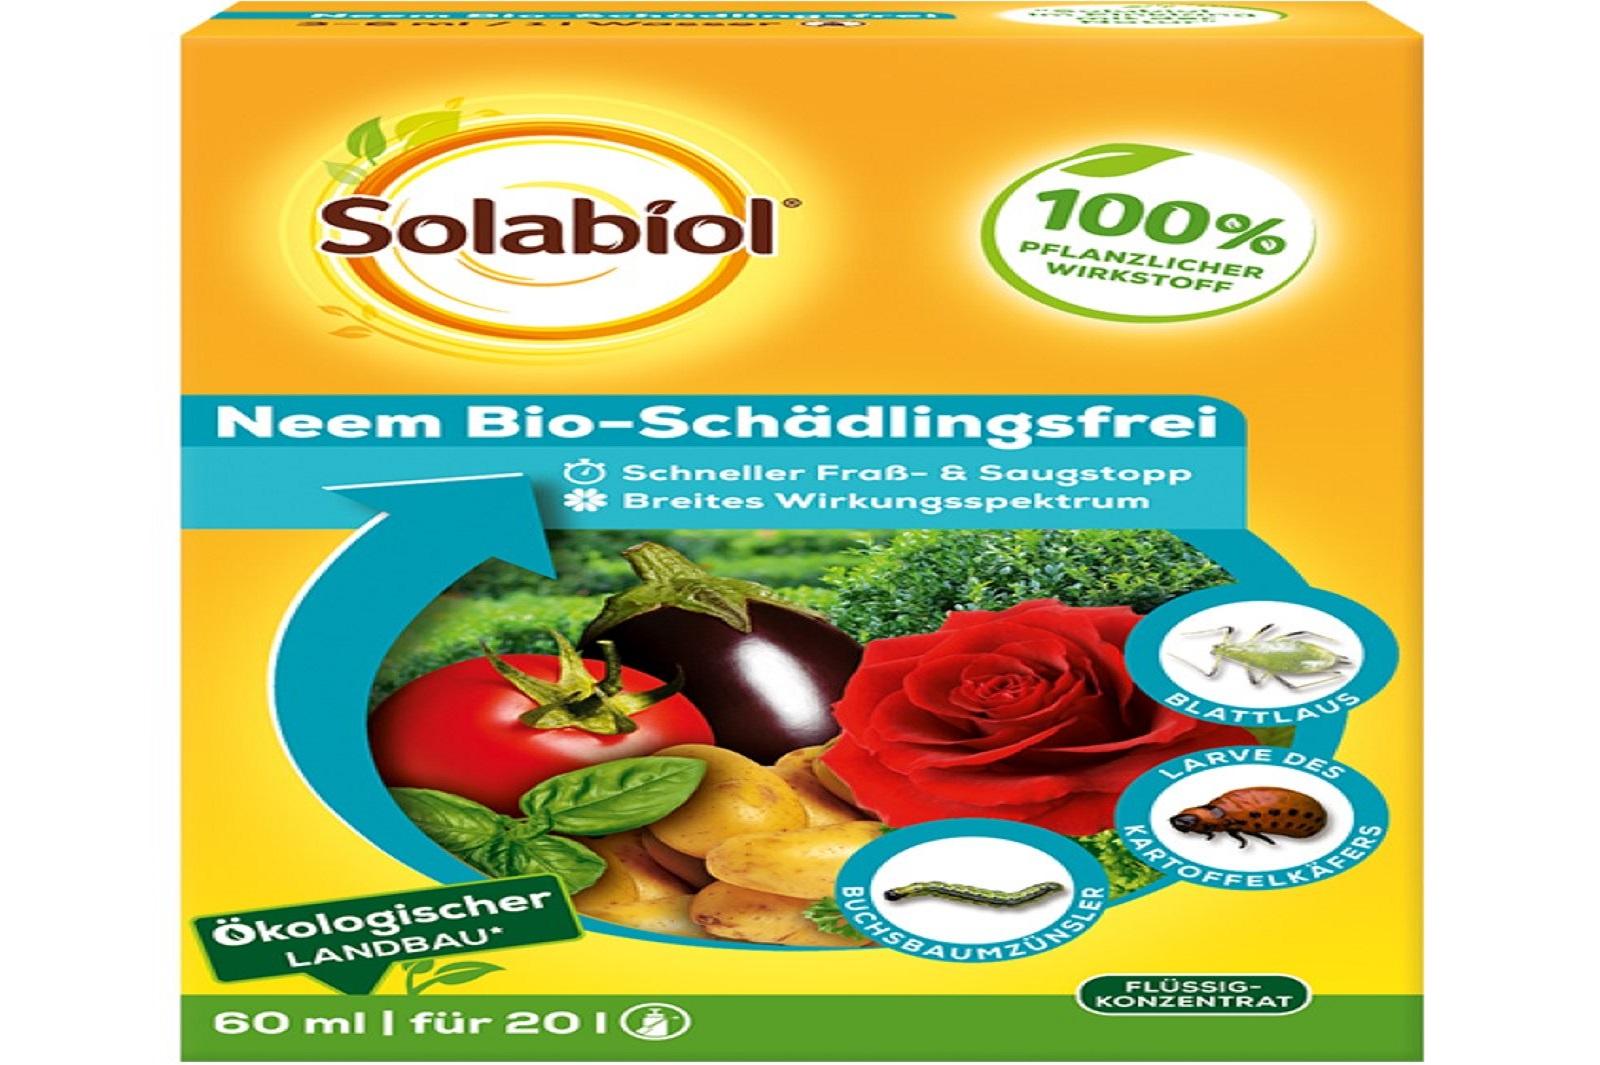 Solabiol Schädlingsfrei Neem Bio 60ml auch für den ökologischen Landbau